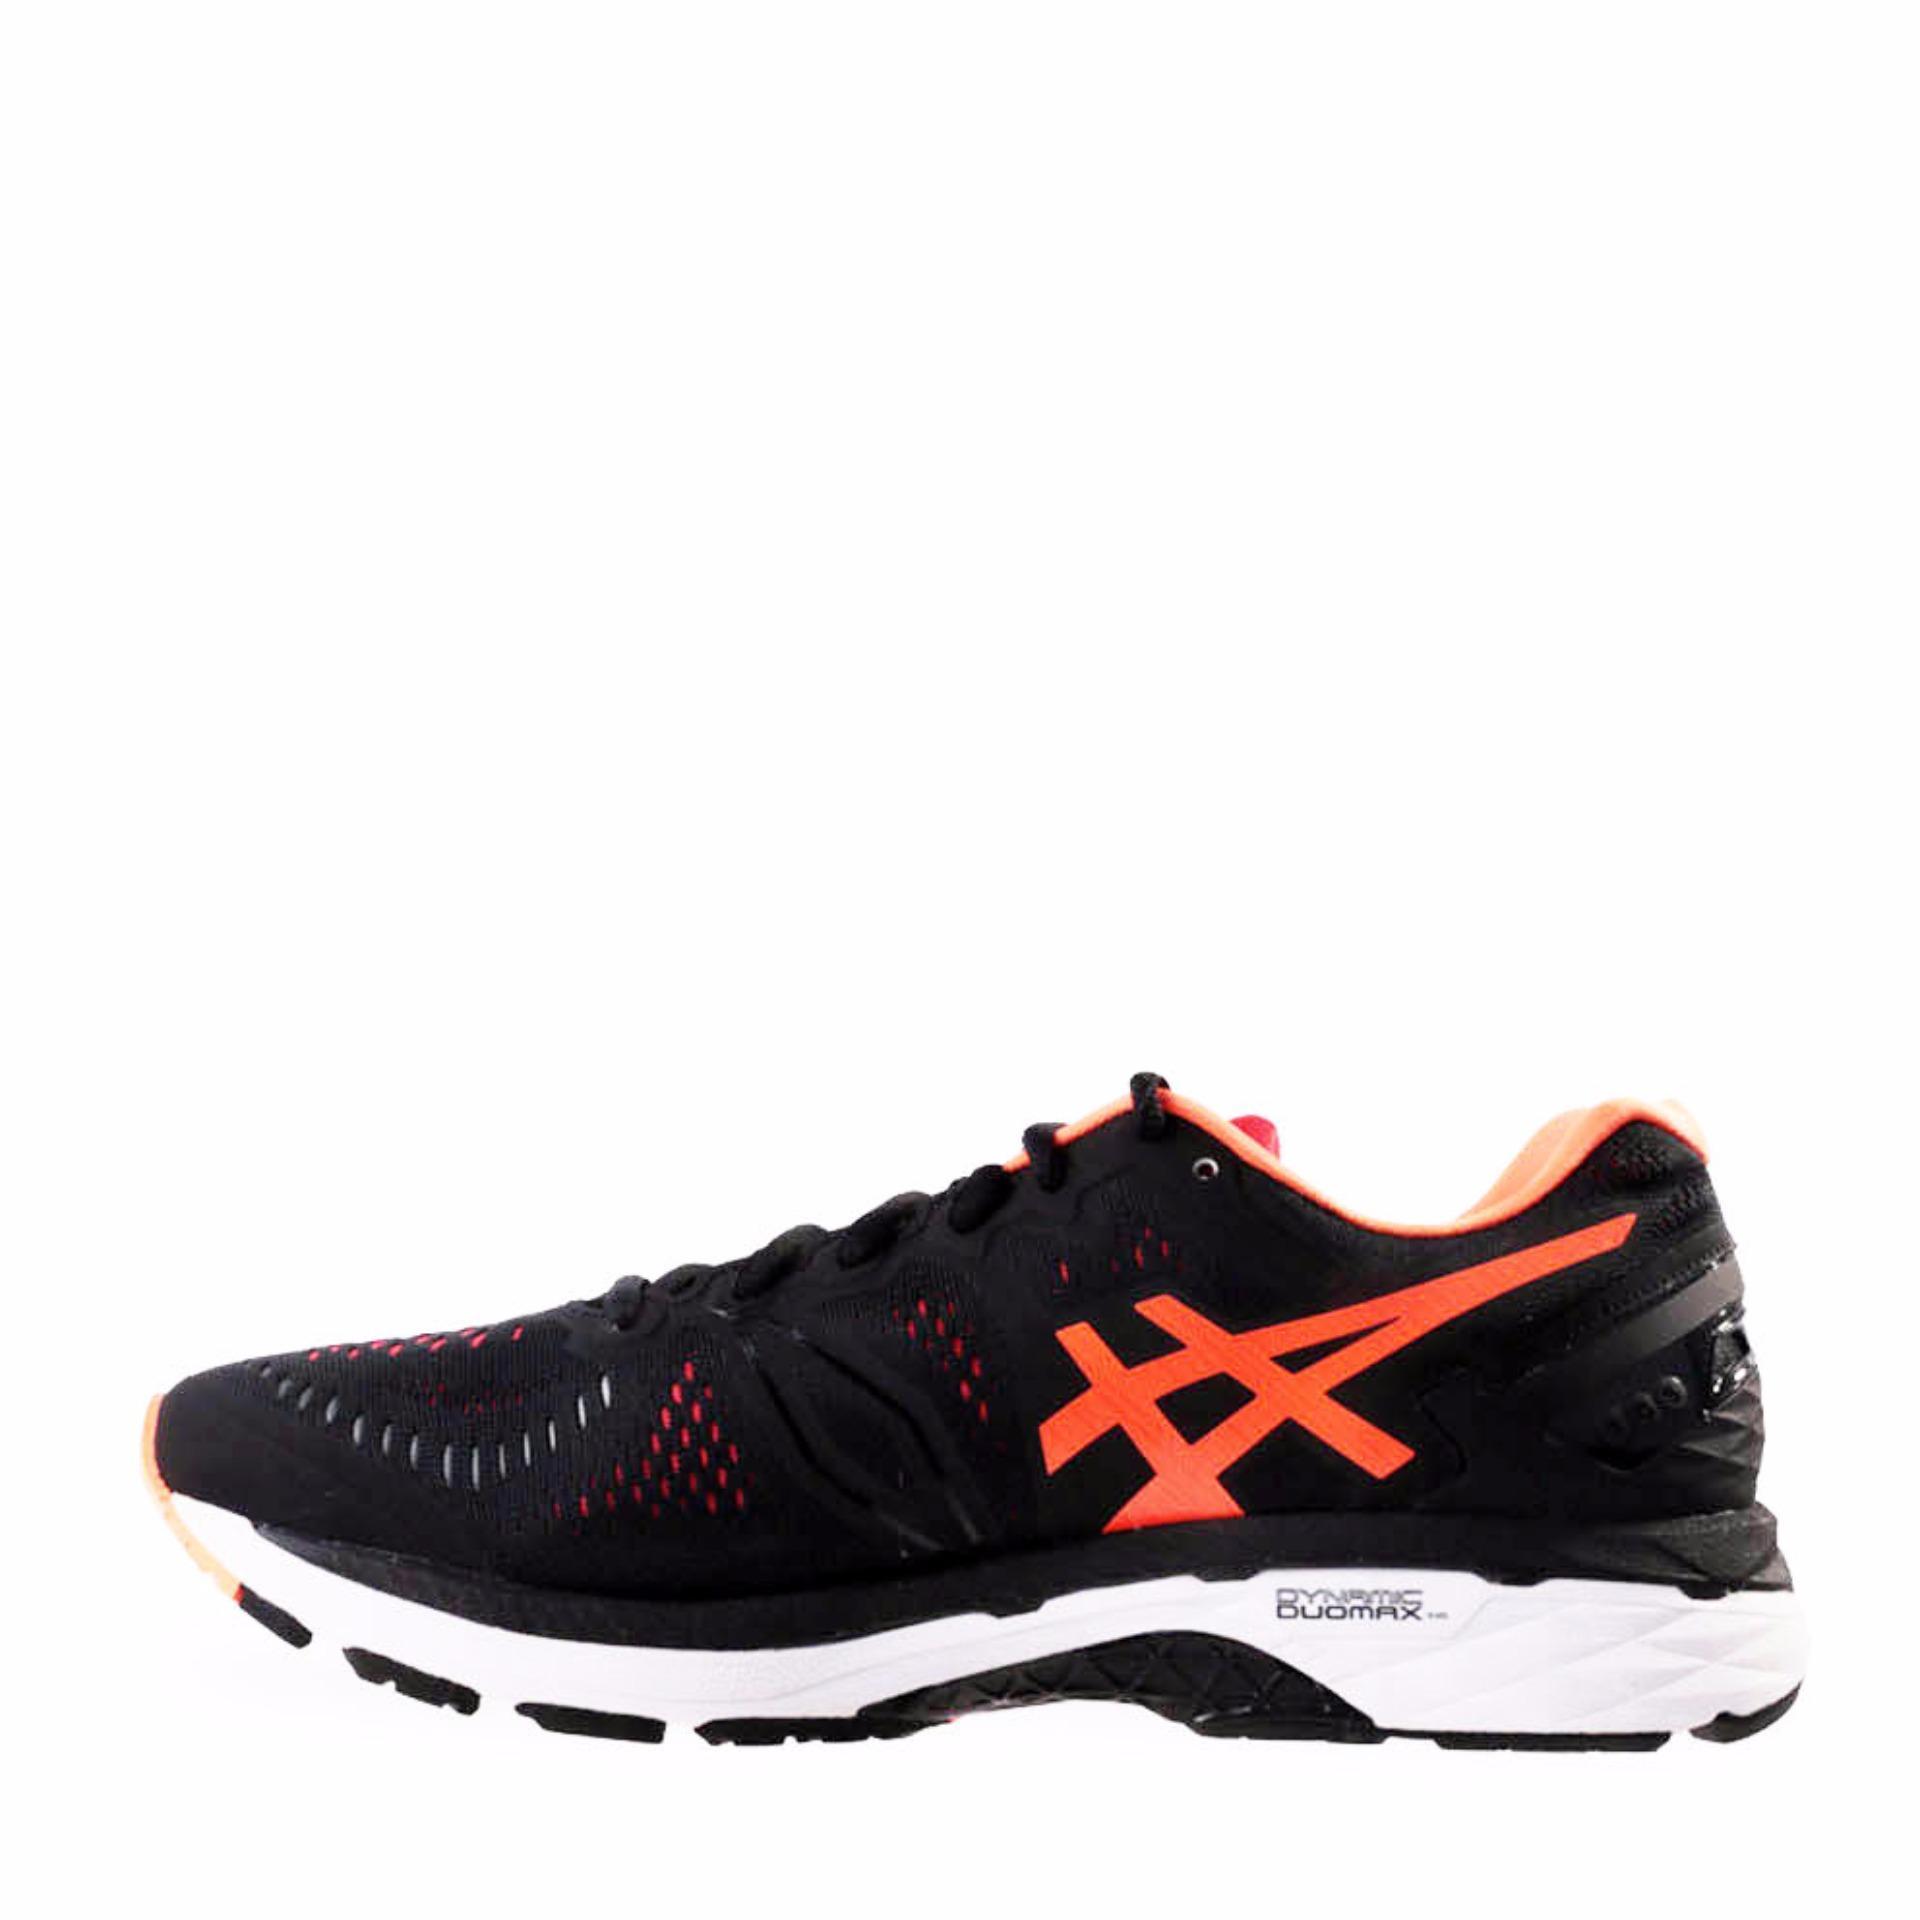 online retailer 3a55d 6d455 Harga Termurah Asics Gel-Kayano 23 - Sepatu Pria - Hitam ...